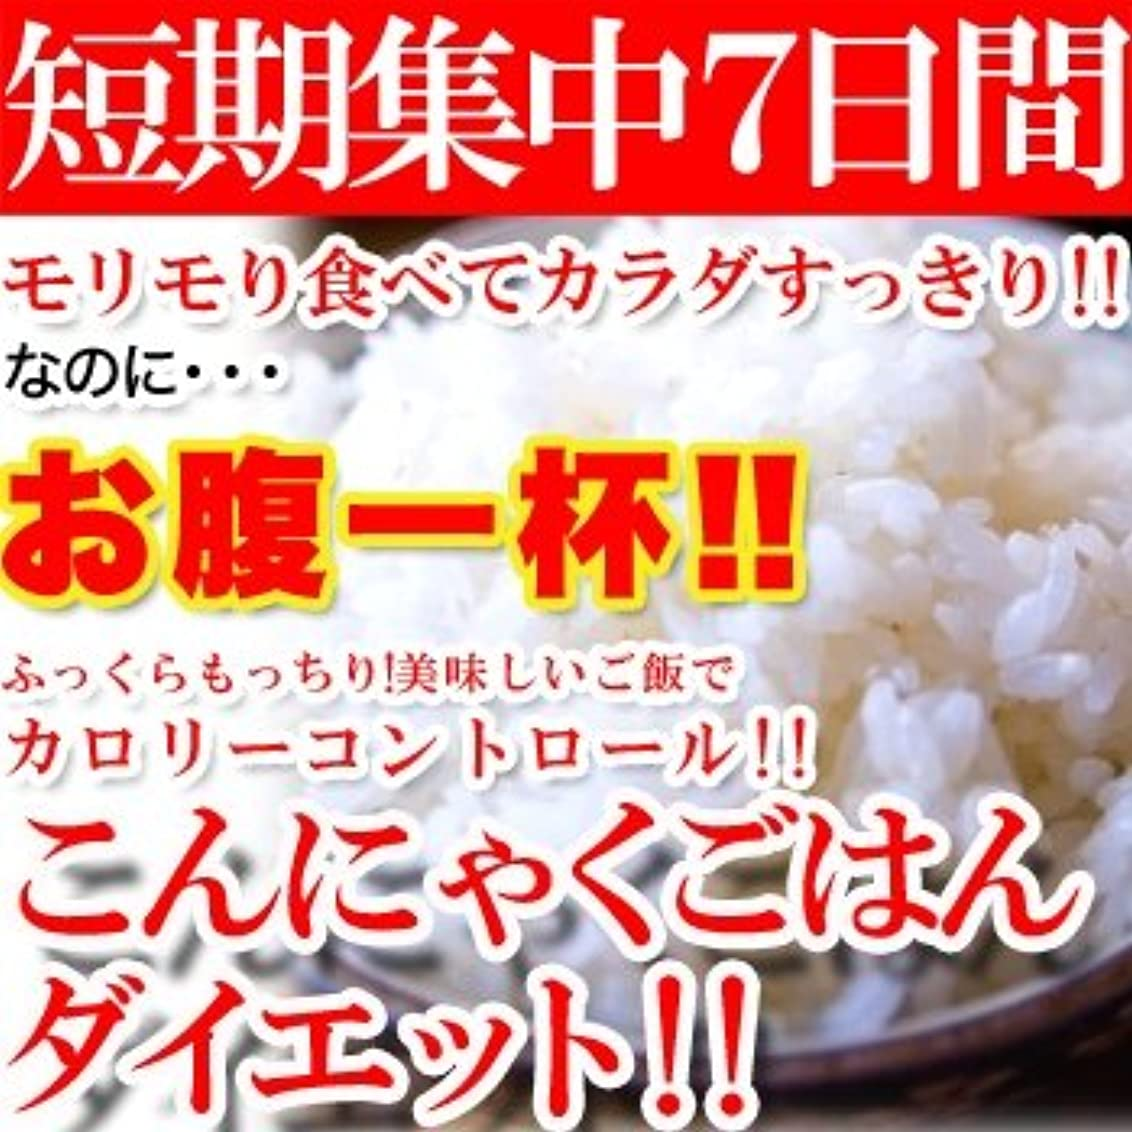 バイアス高くアサート【短期集中☆】7日間こんにゃくごはんダイエット! 4個セット ※「白いご飯」、「炭水化物」好きの方必見!いつものご飯に混ぜて炊くだけ!